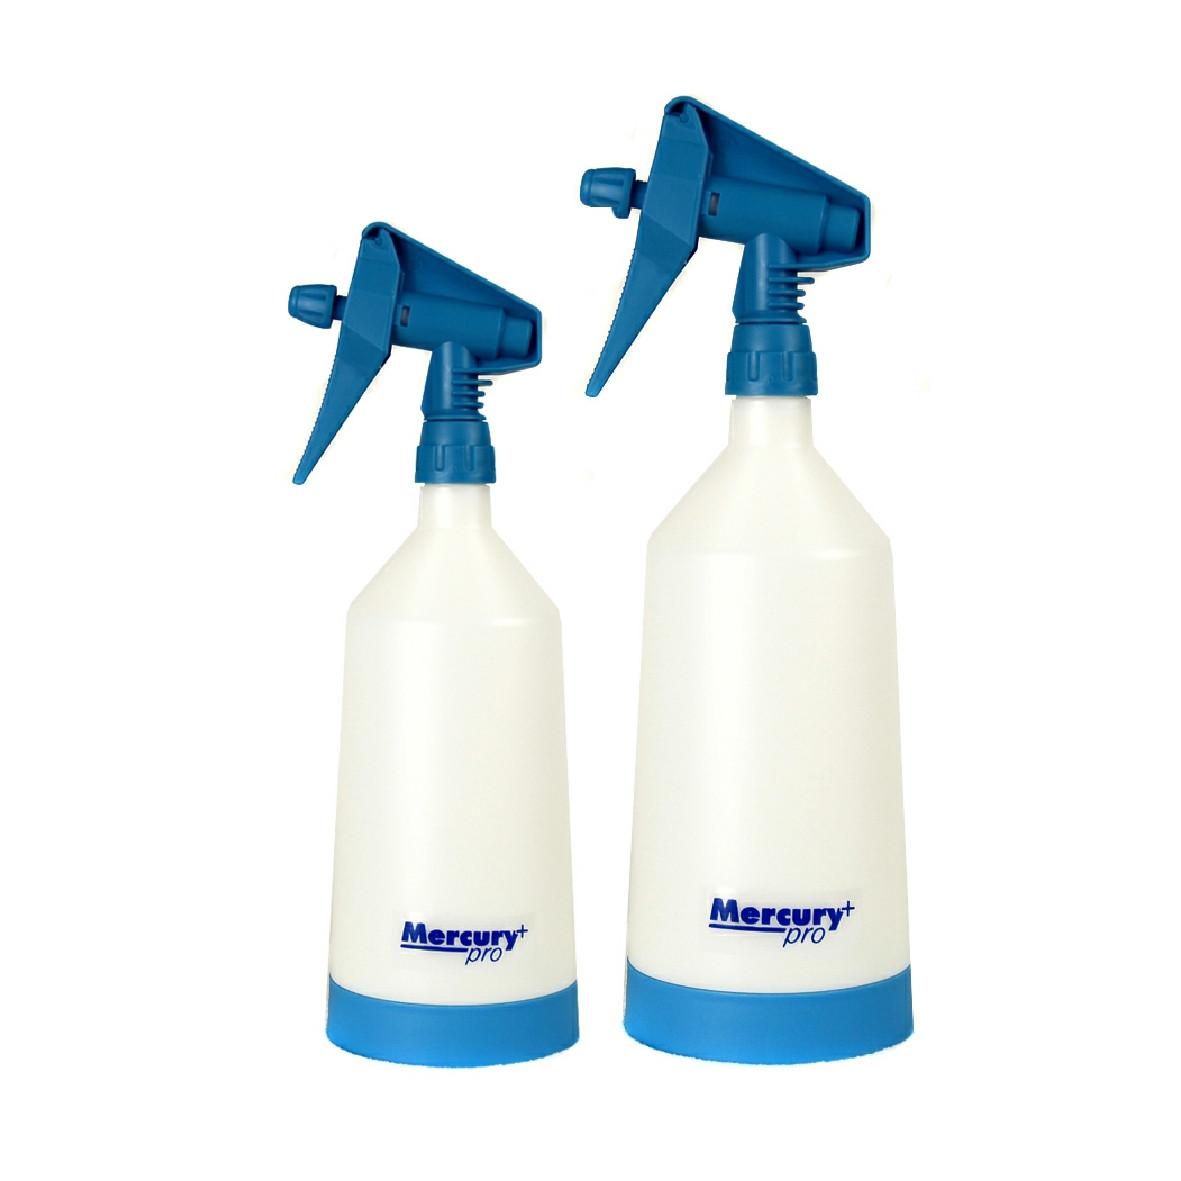 500 ml Double Action Mercury Sprayer | MERCURY0.5L